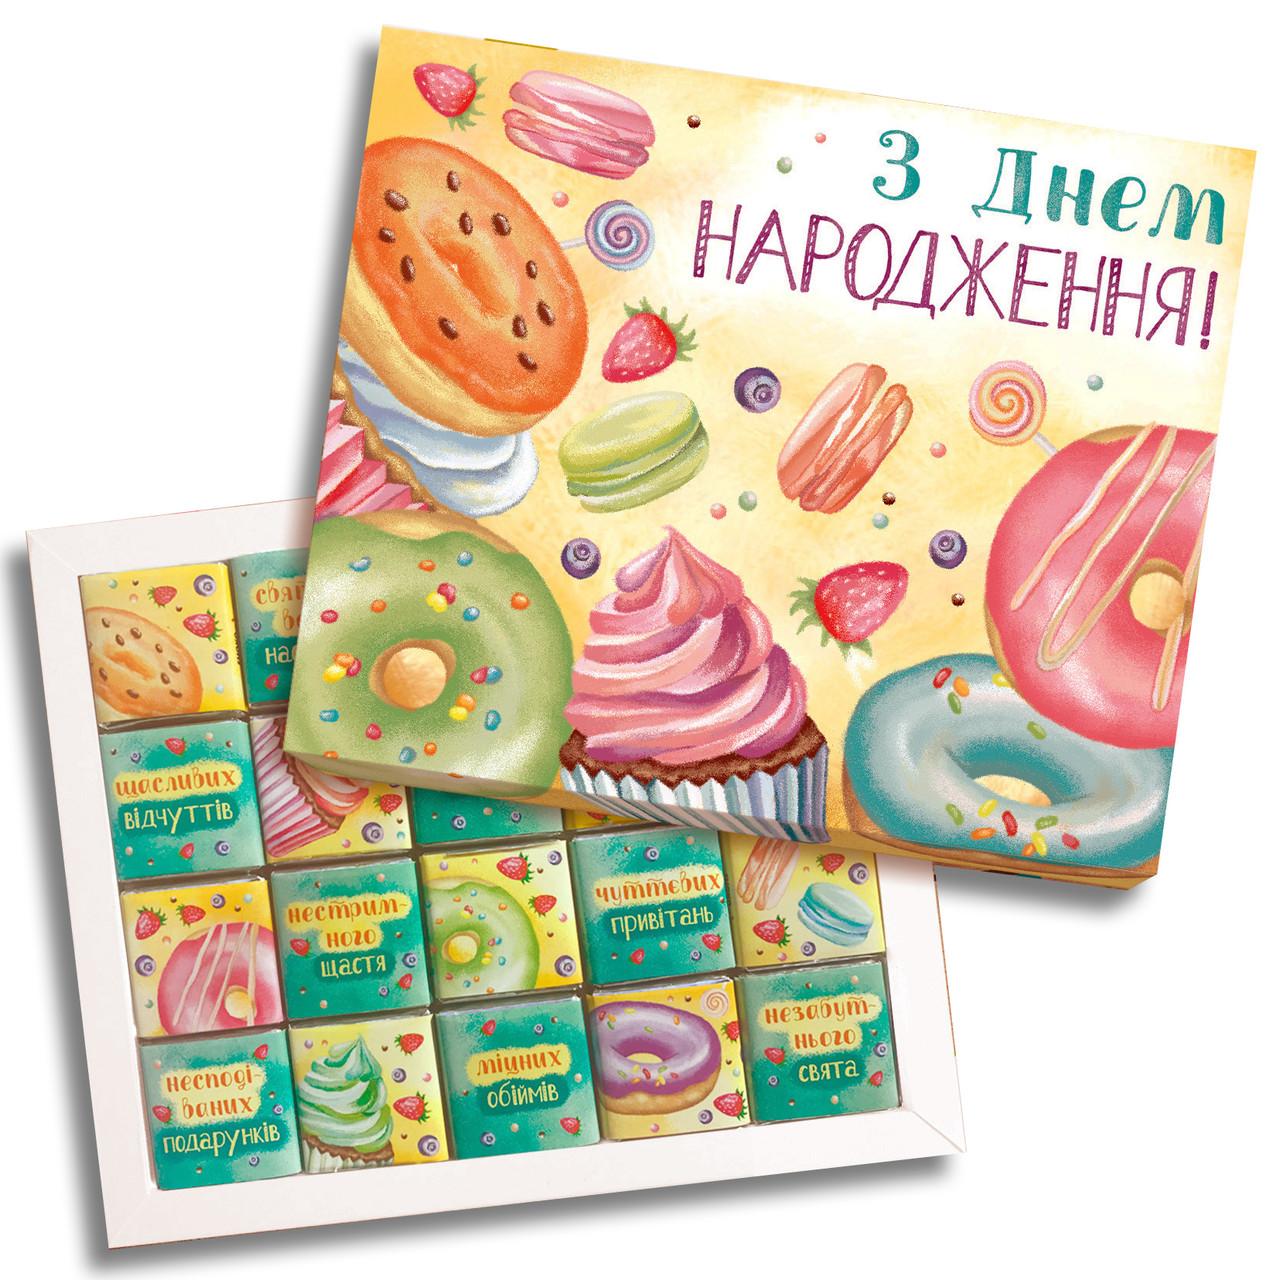 Купить сладкие подарки на день рождения